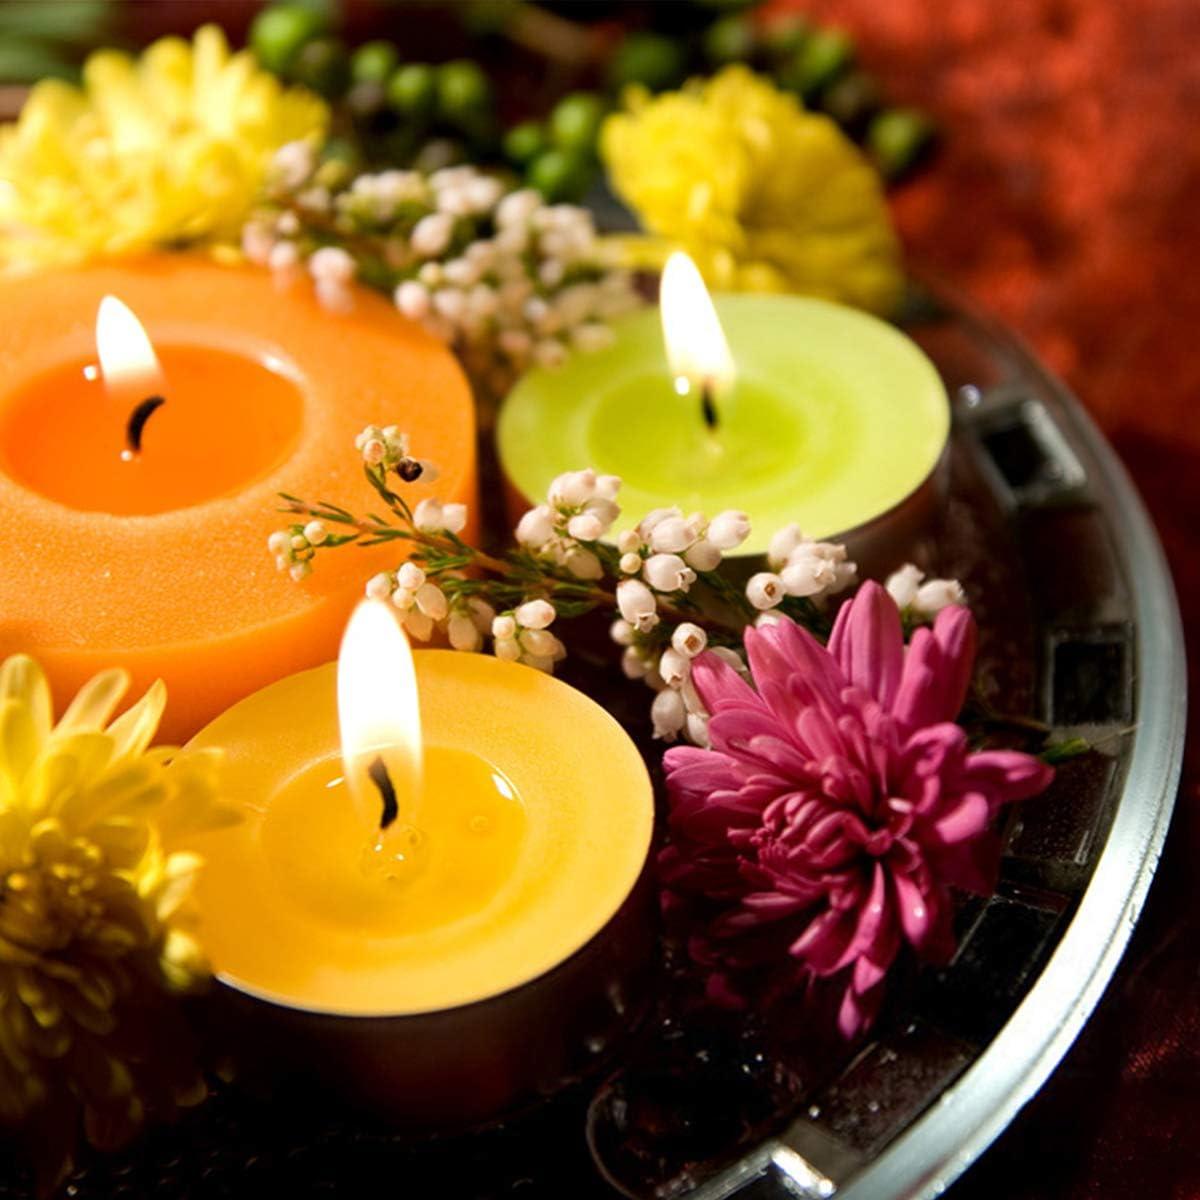 argent Lot de 30 bo/îtes /à bougies en m/étal de 113,4 g les loisirs cr/éatifs le rangement Pour la fabrication de bougies